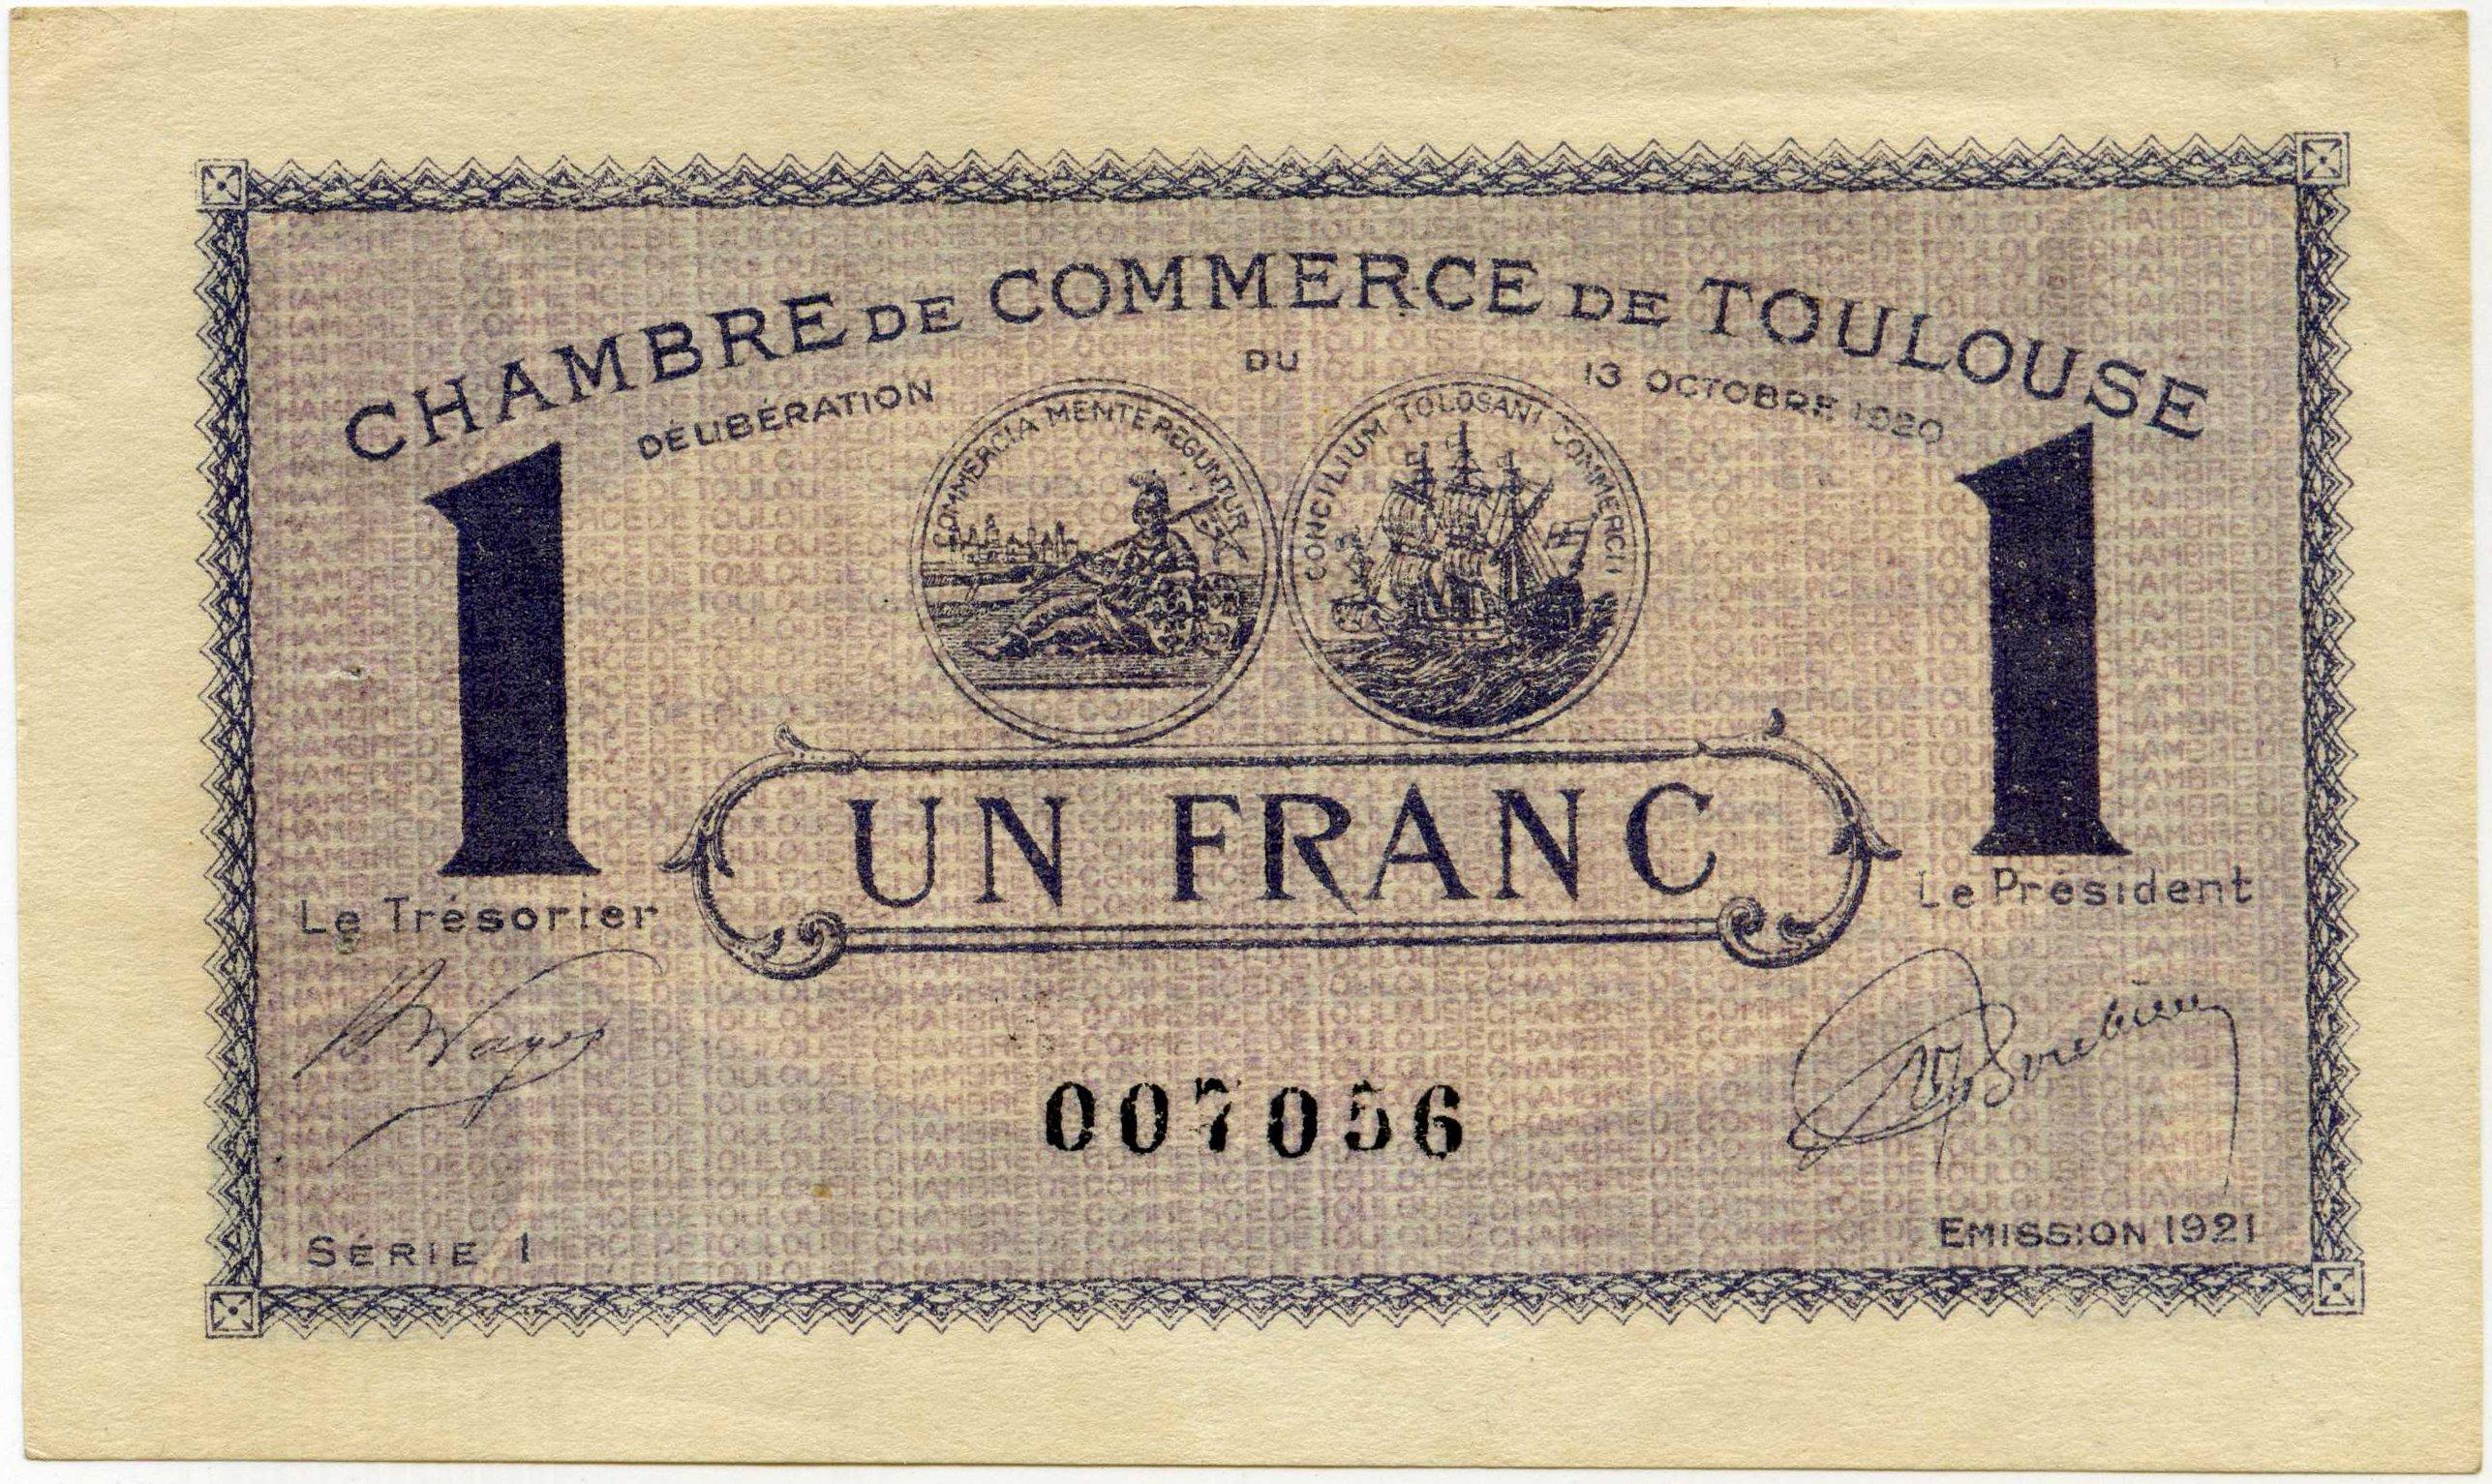 Billets De La Chambre De Commerce De Toulouse